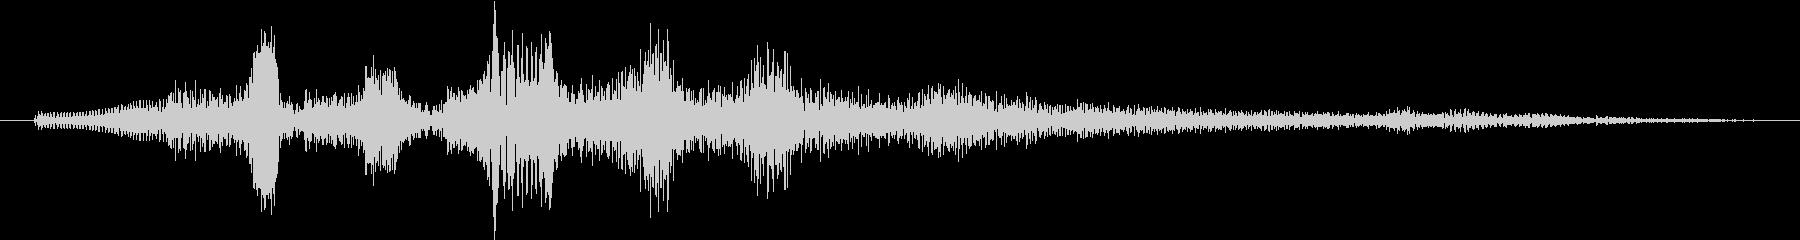 ワンワンワンワ~ン(回想シーン等)の未再生の波形